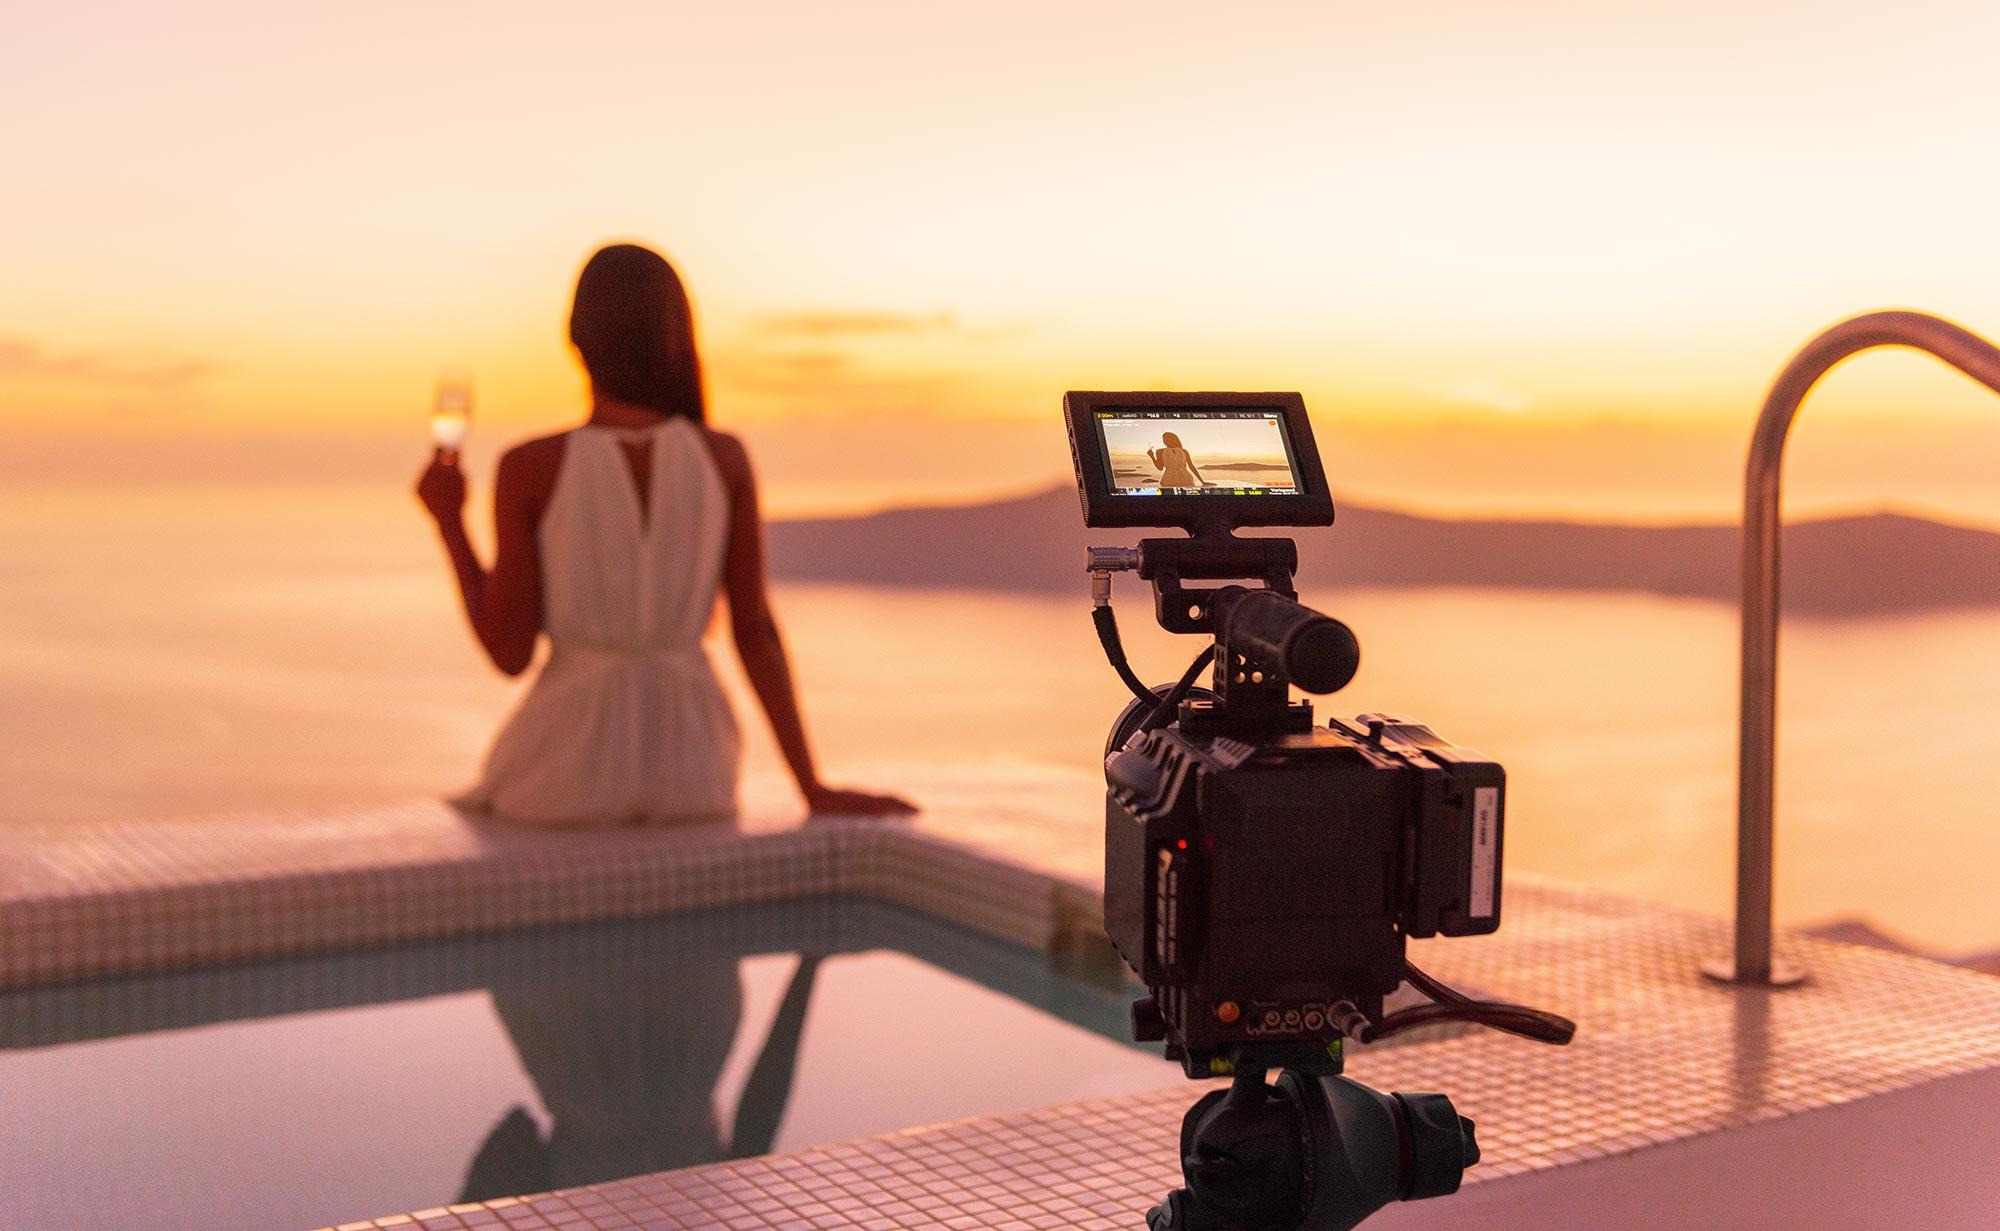 Production vidéo : spot publicitaire